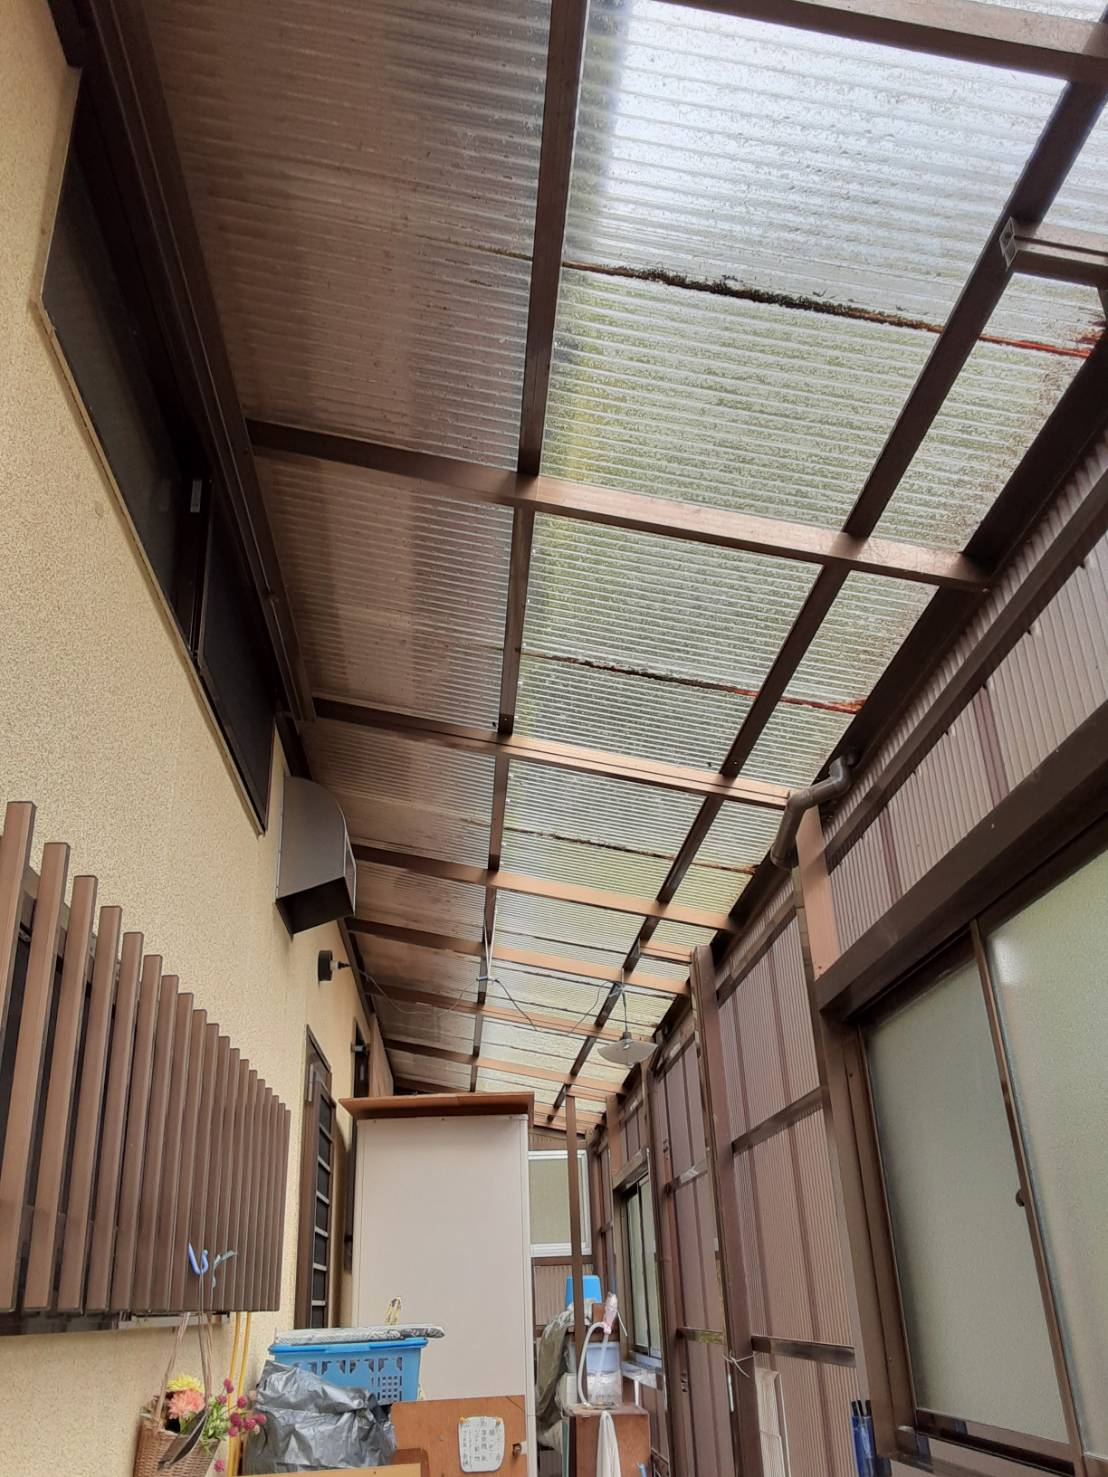 ギャラリーパティオのテラス囲い 波板交換の施工前の写真1